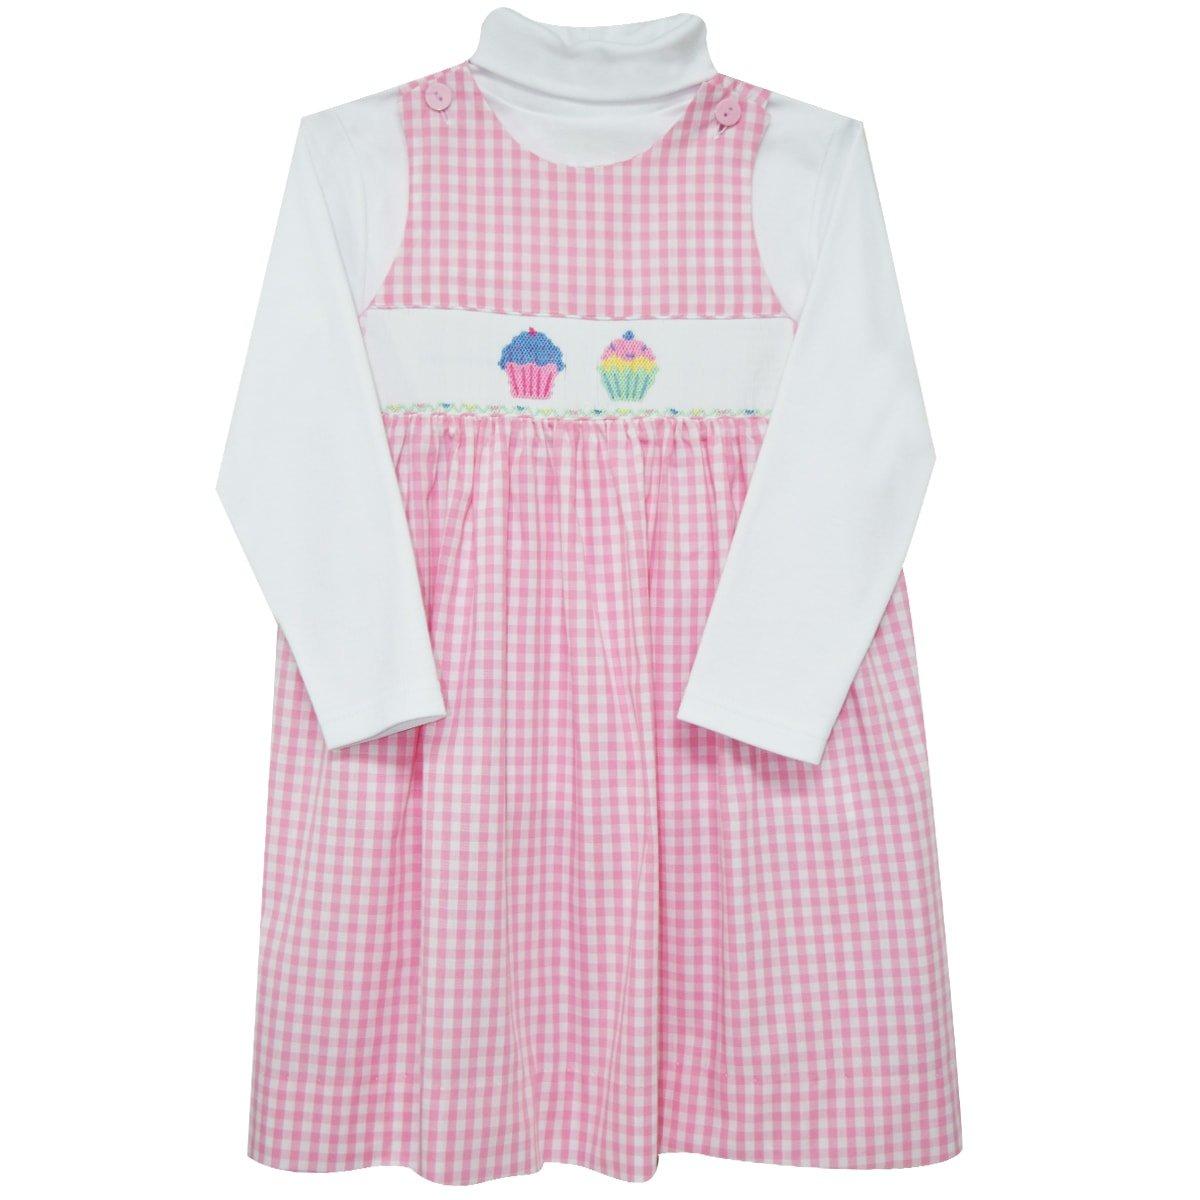 5c82341928 Amazon.com  Vive La Fete cupcakes jumper and blouse  Clothing